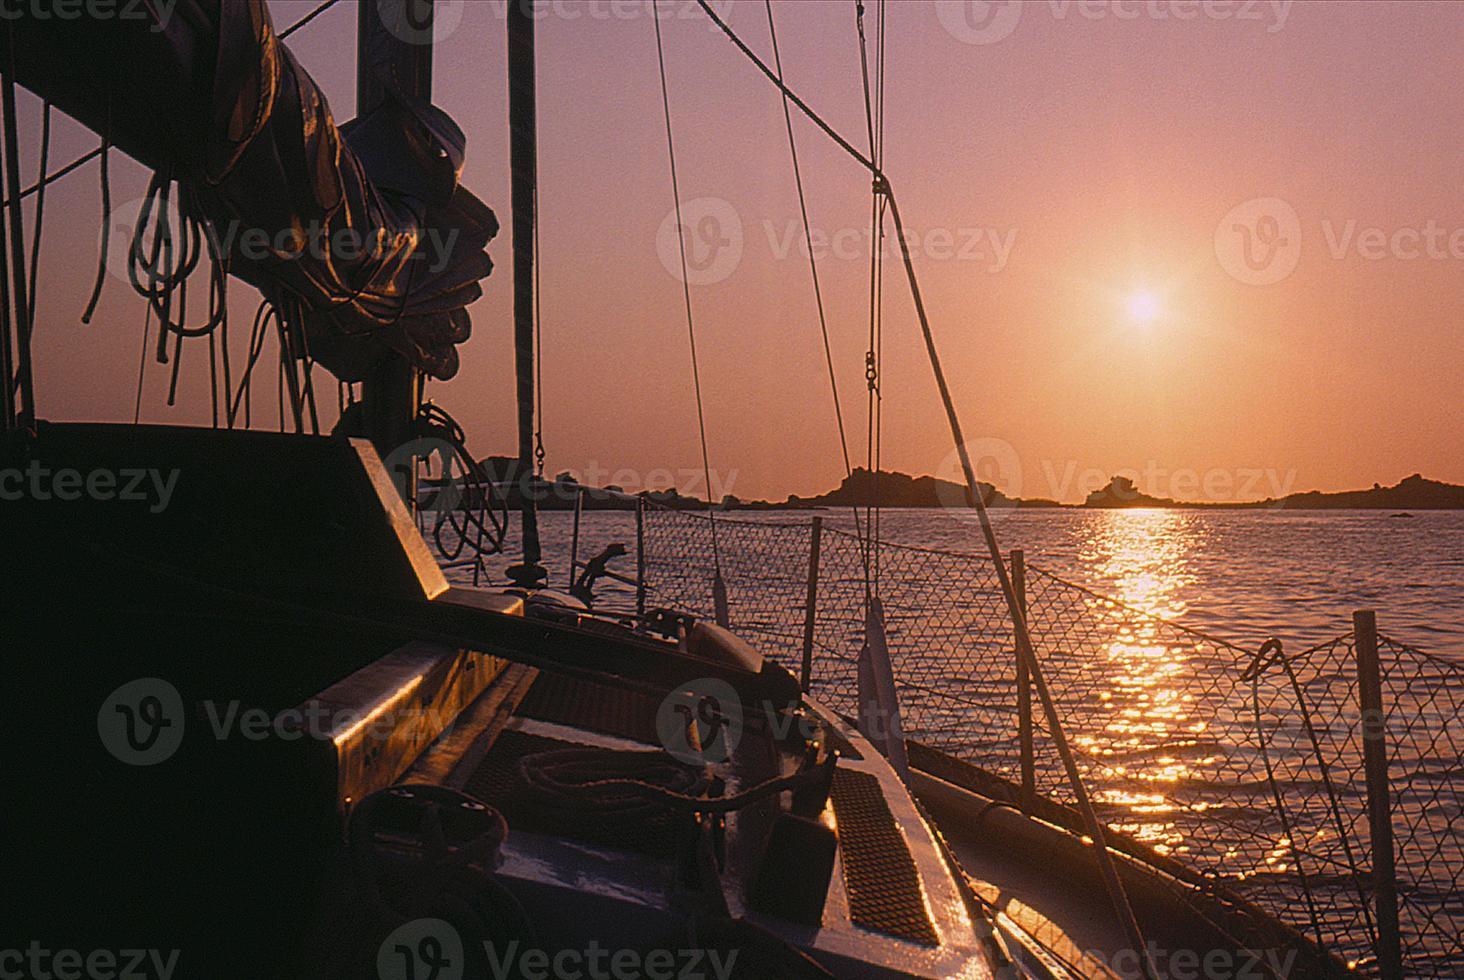 coucher de soleil sur un voilier au mouillage foto